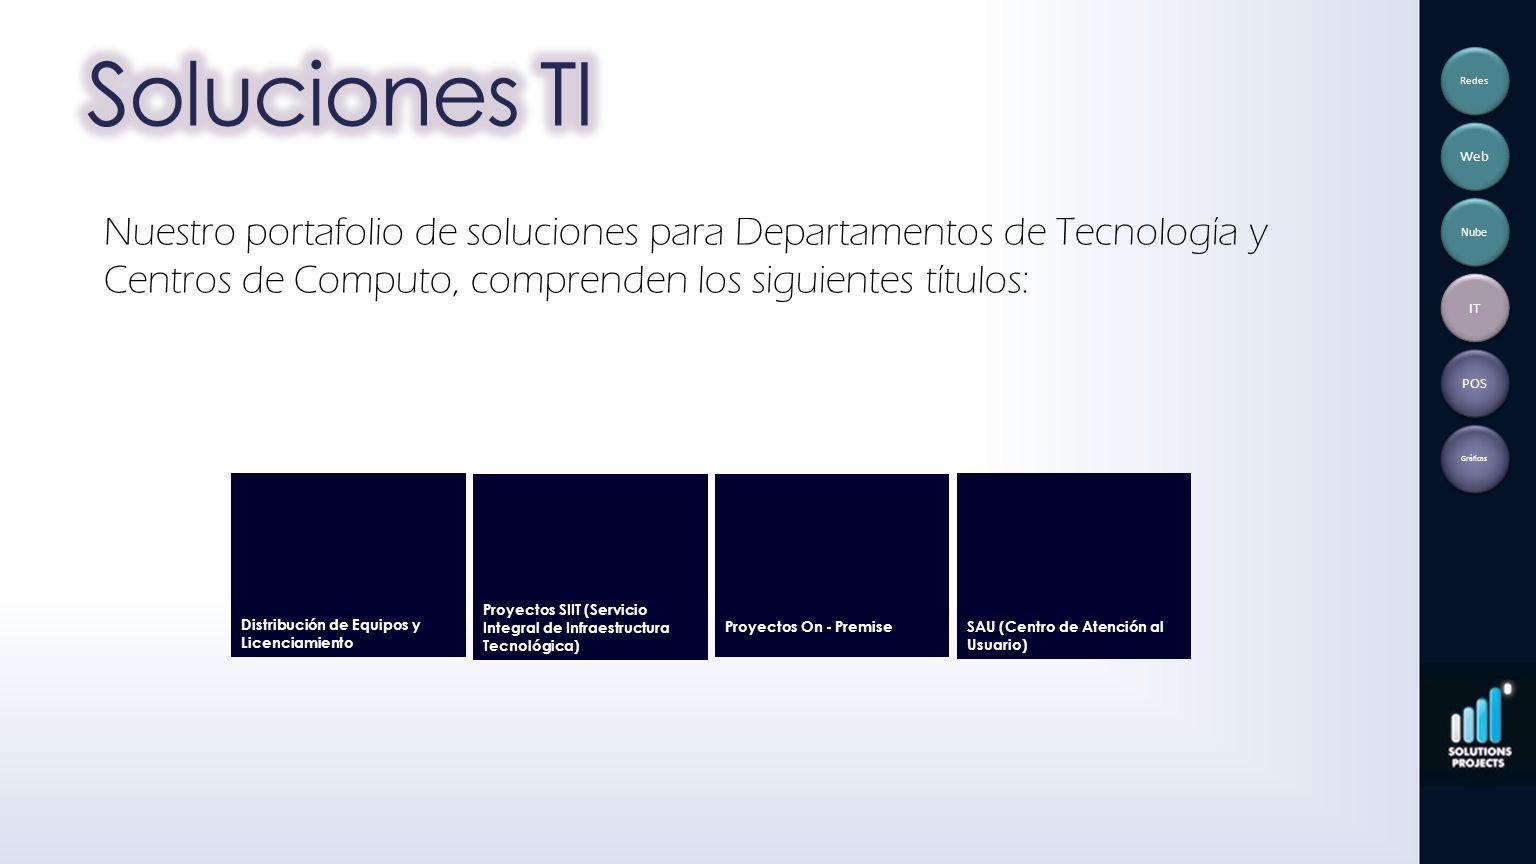 Nuestro portafolio de soluciones para Departamentos de Tecnología y Centros de Computo, comprenden los siguientes títulos: Distribución de Equipos y L